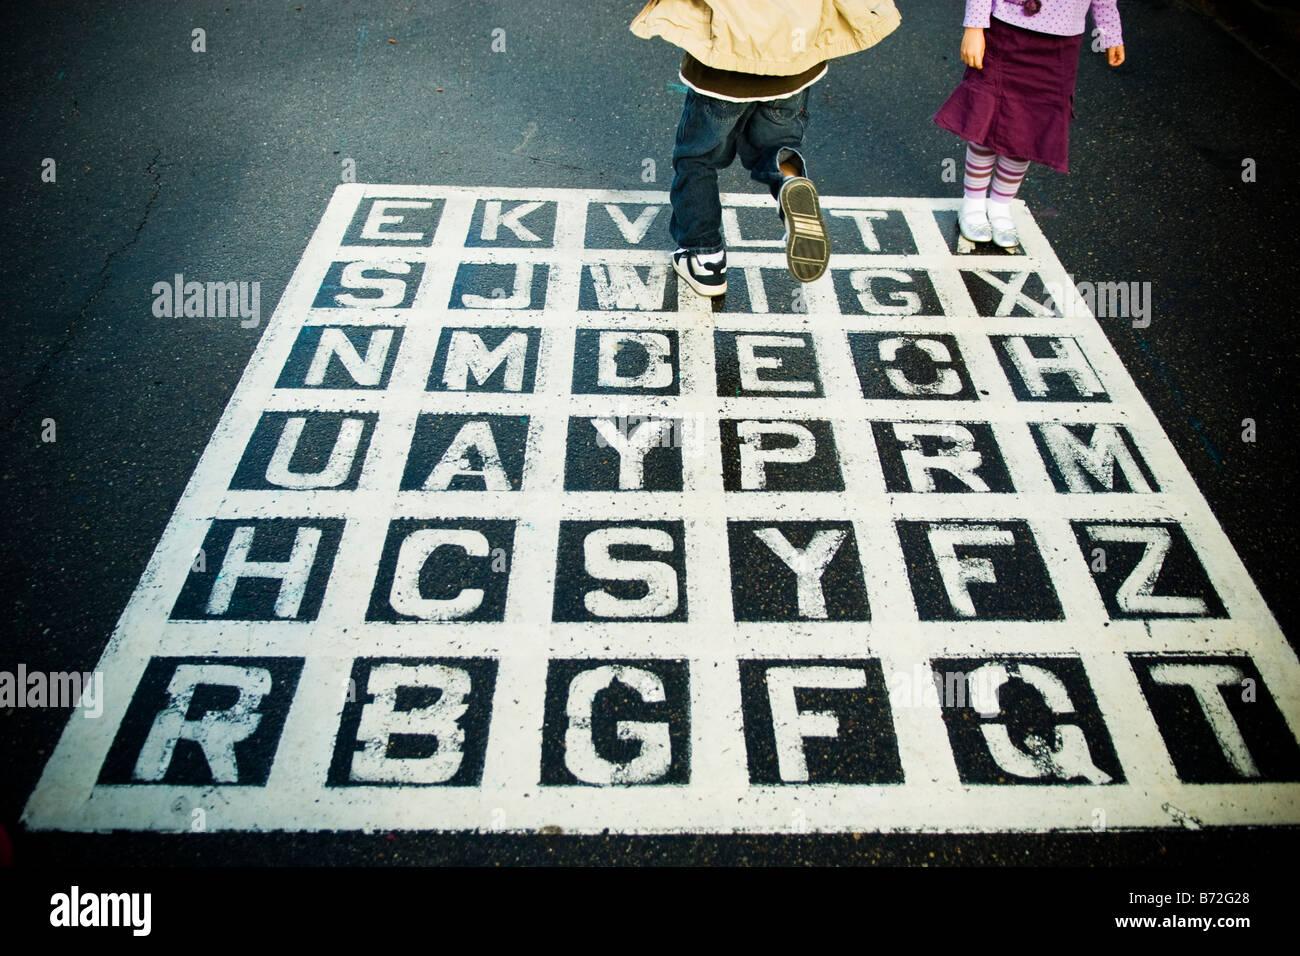 Les enfants jouent sur un jeu de l'alphabet d'asphalte dans la cour de l'école. Photo Stock